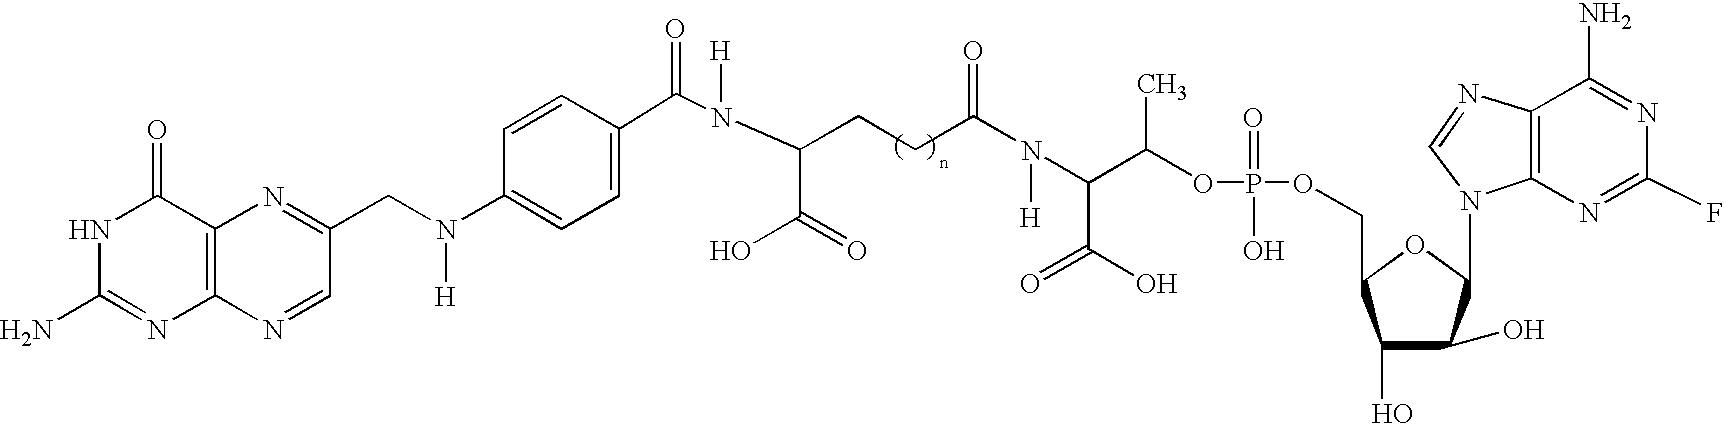 Figure US20030104985A1-20030605-C00075